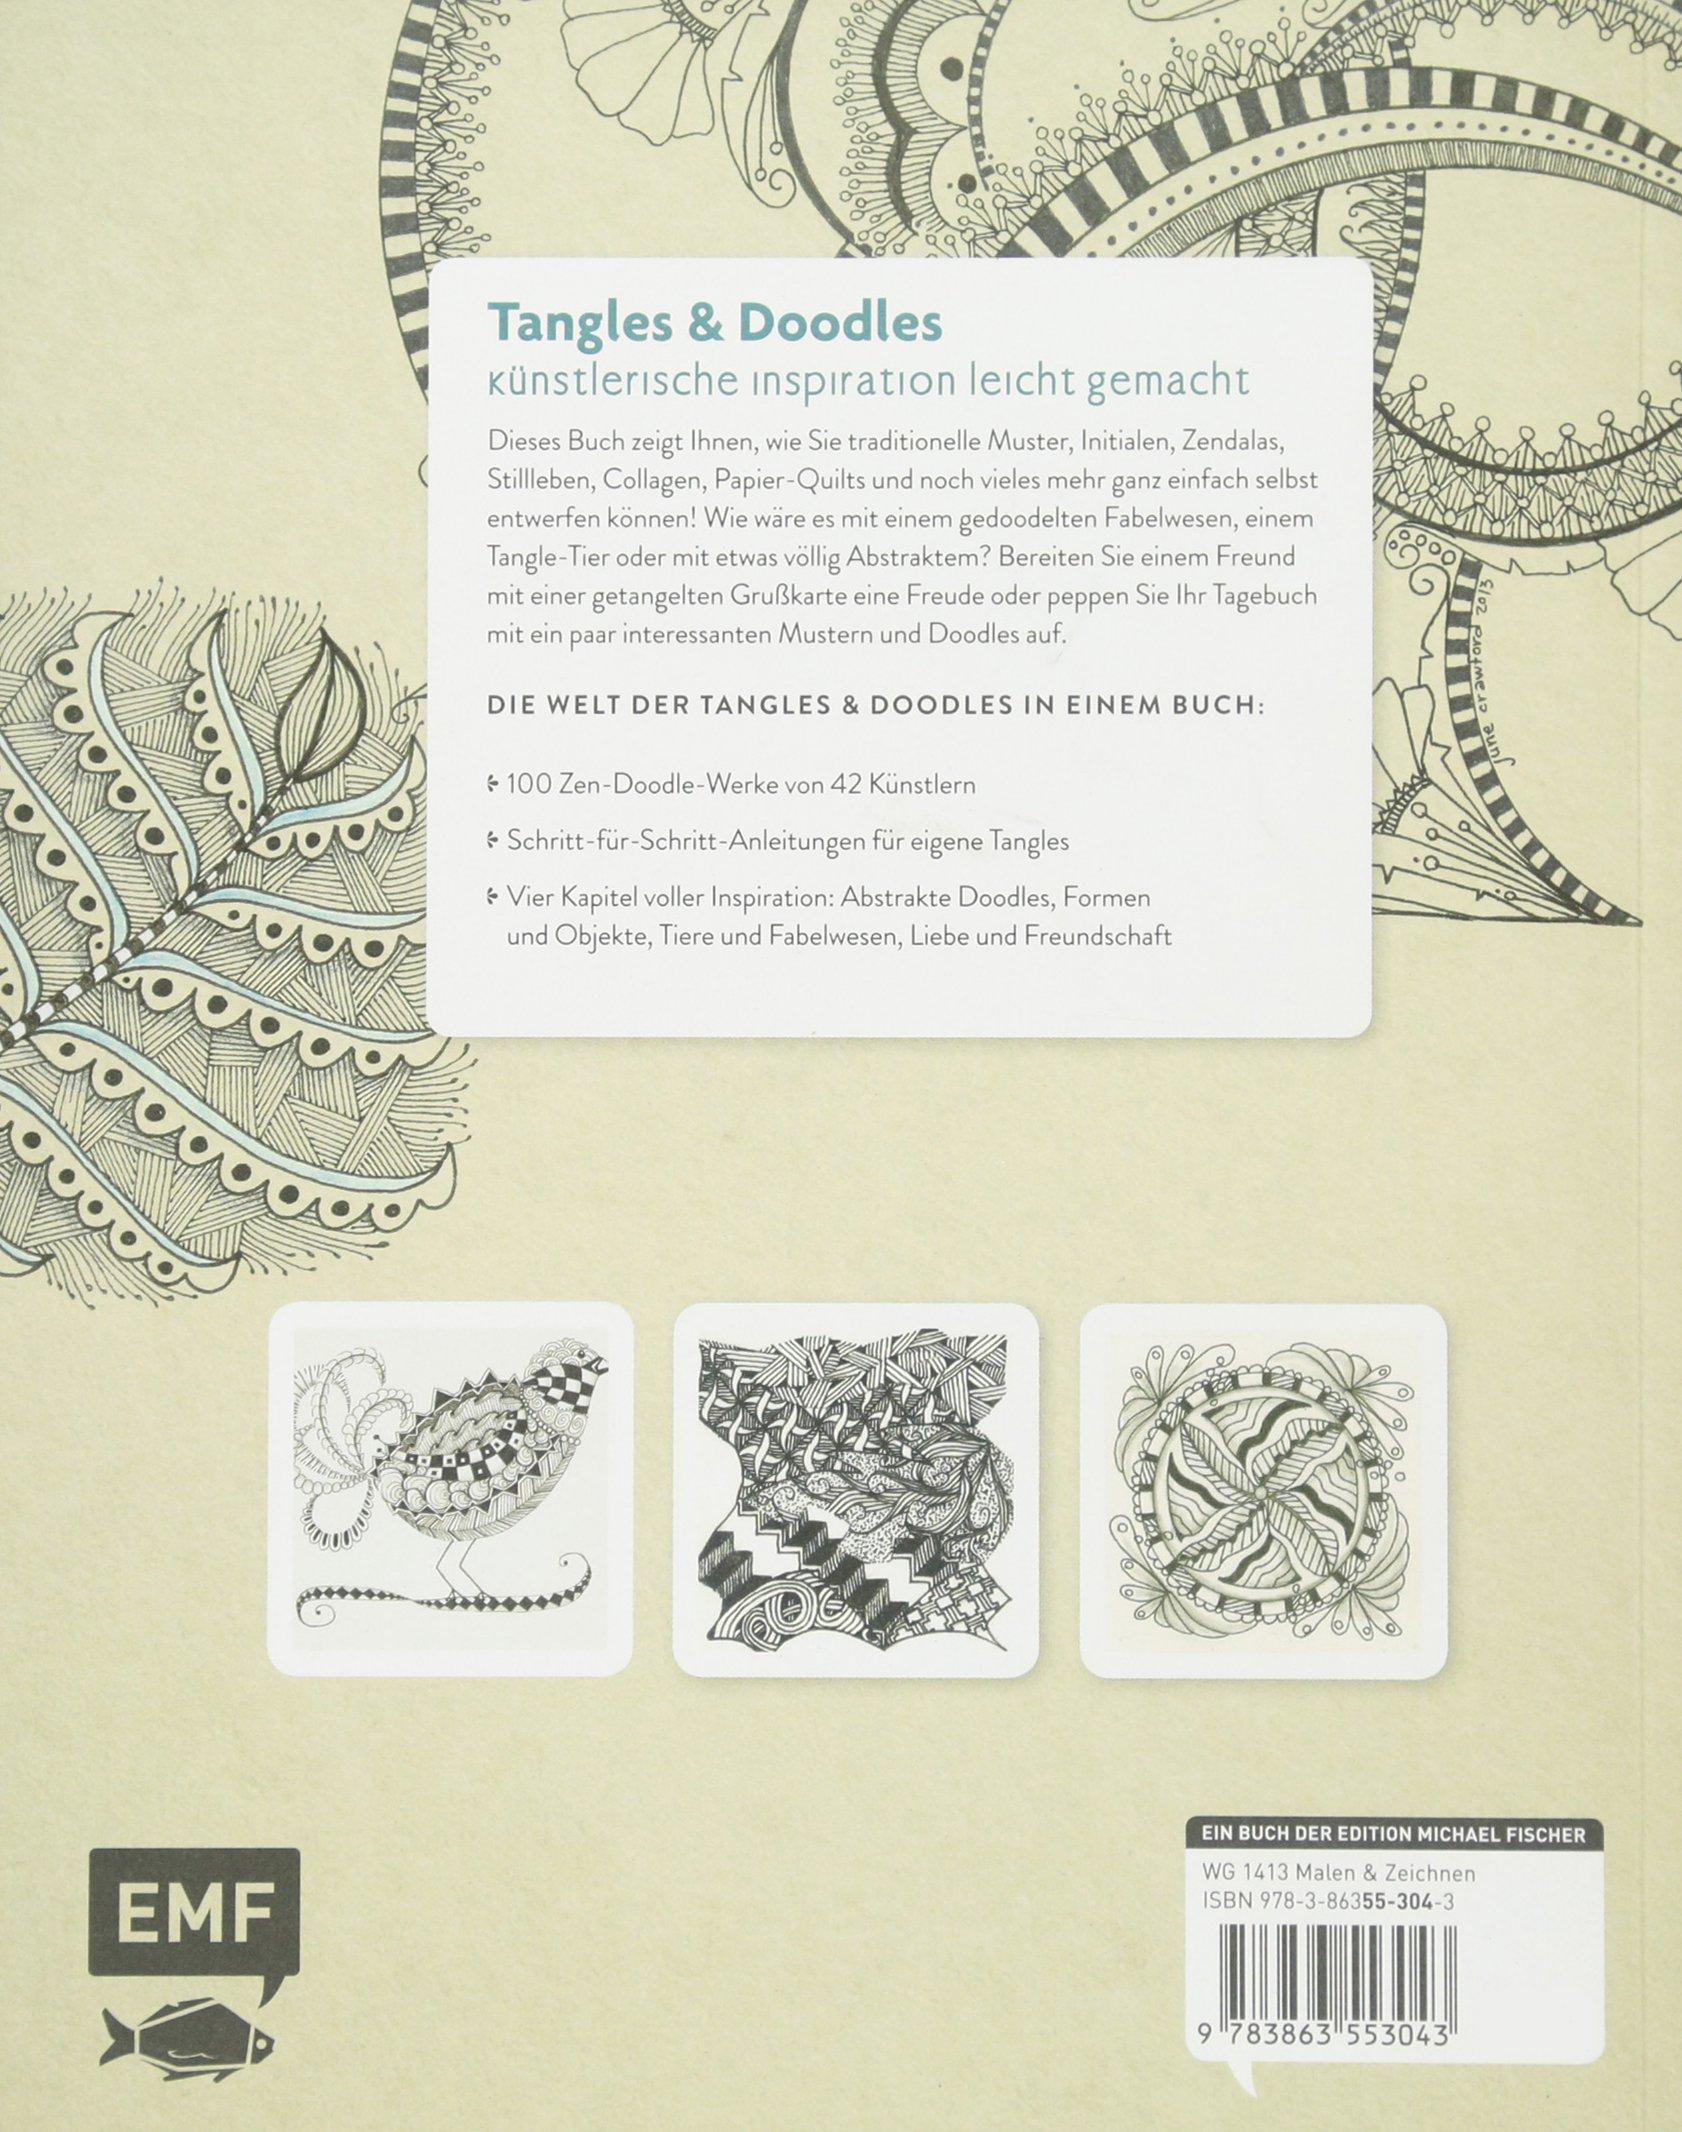 Tangles Und Doodles Inspirierende Zenmuster Zeichnen Amazonde